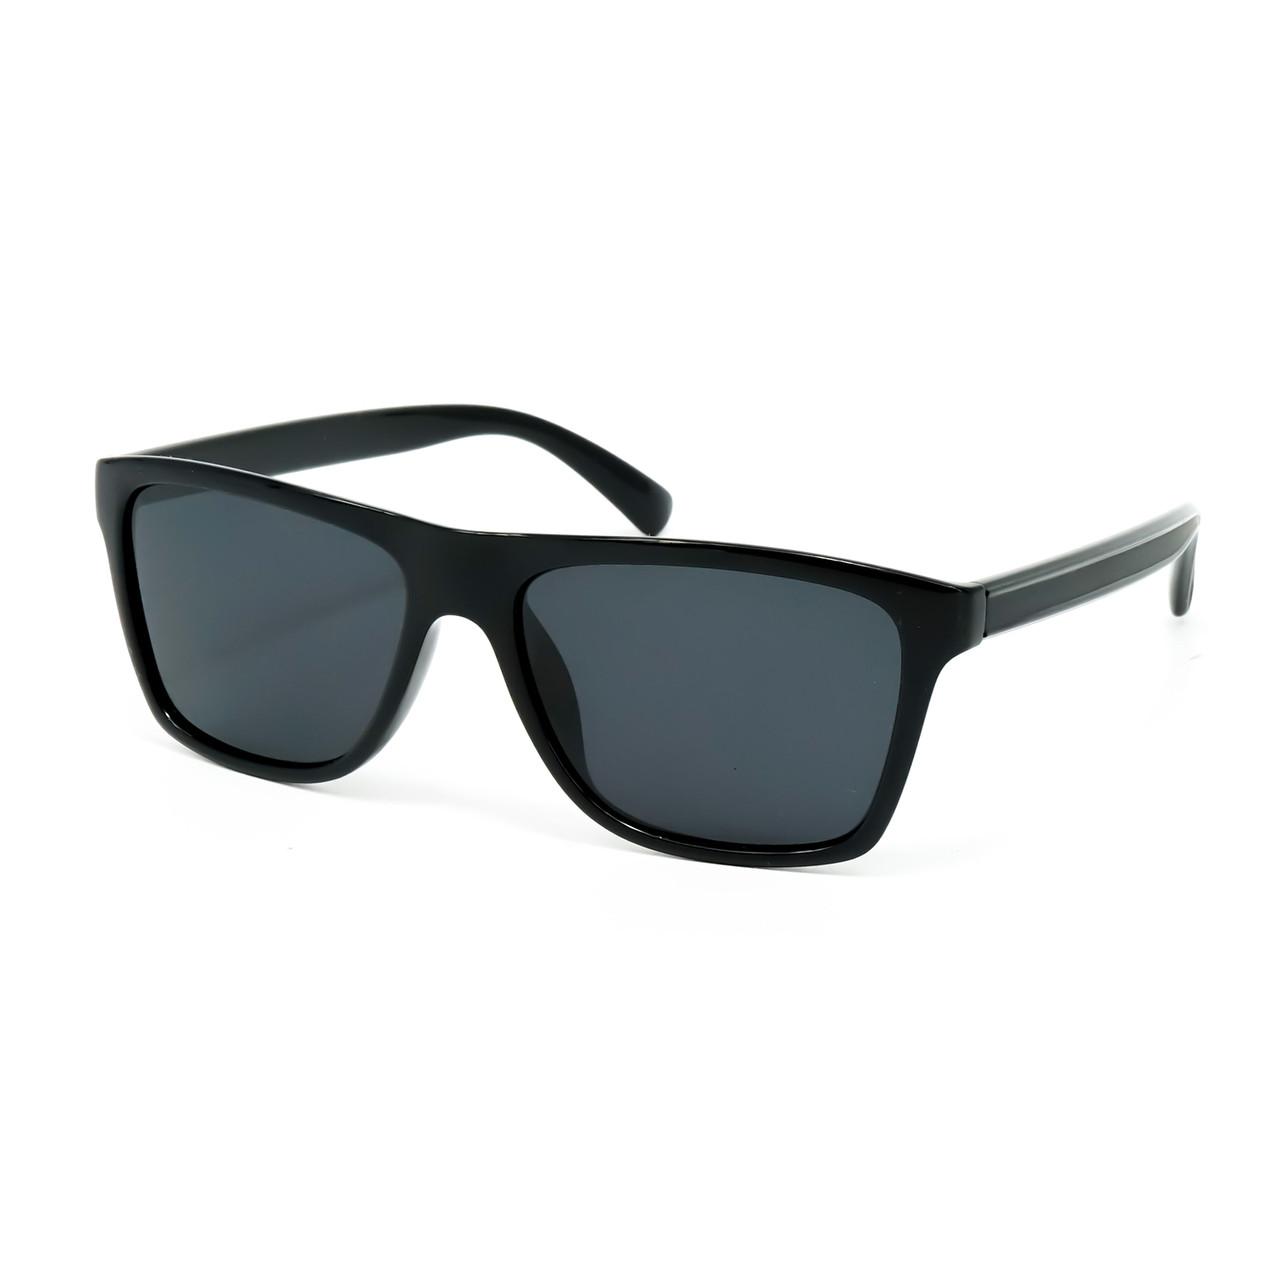 Сонцезахисні окуляри Marmilen Polar P8373 C4 сірі ( P8373-04 )